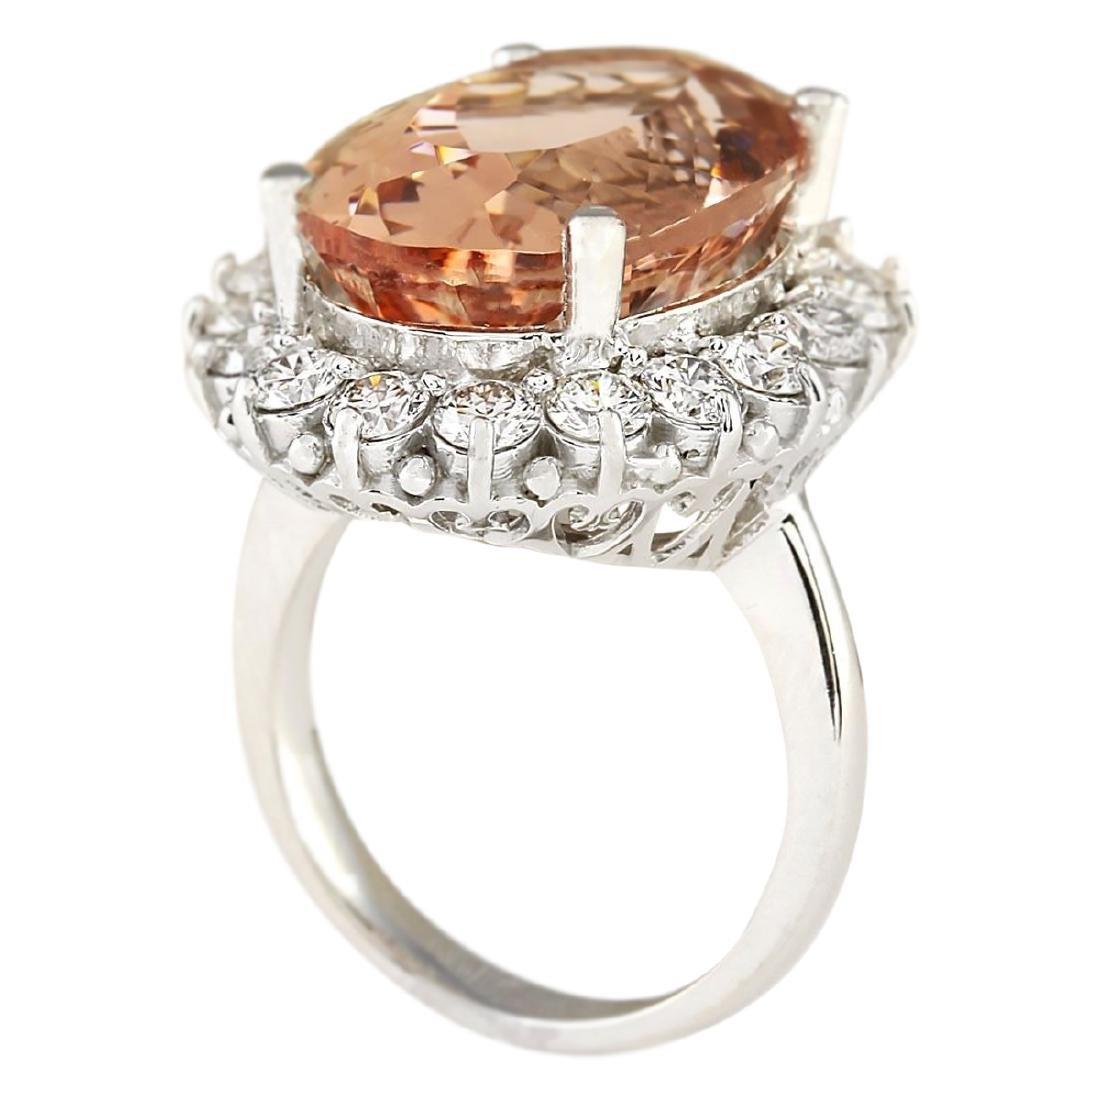 16.87 CTW Natural Morganite And Diamond Ring In 18K - 3